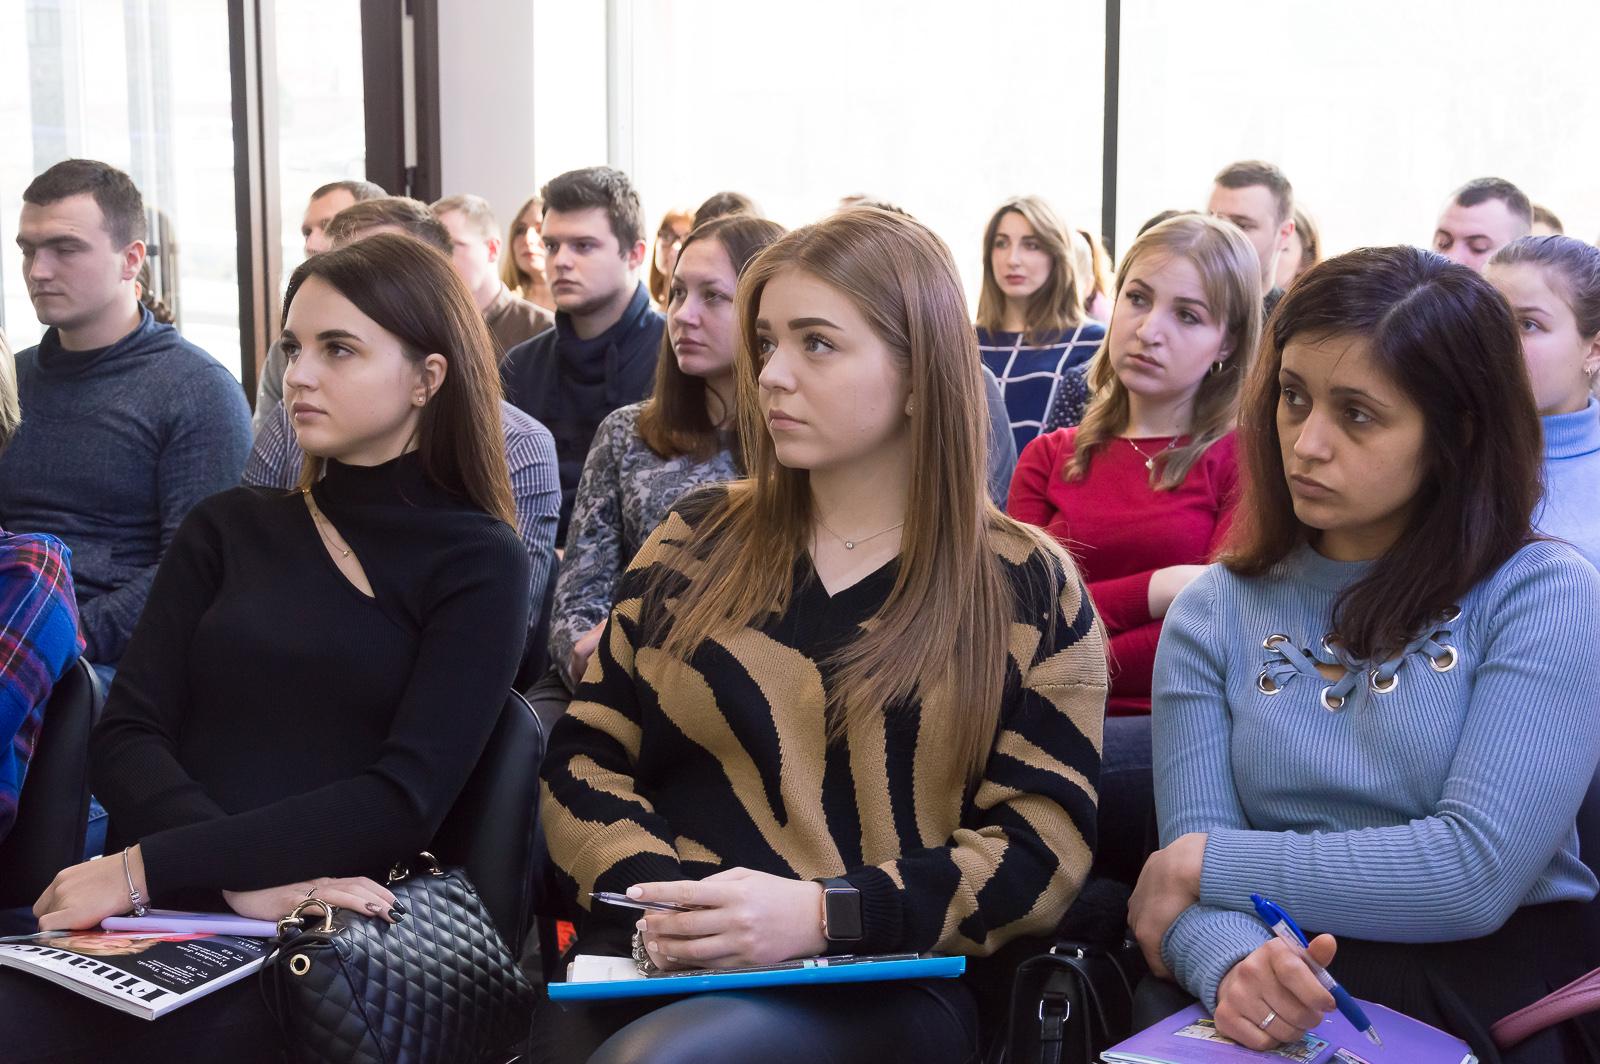 """Лекцию """"Финансовые рынки и основы биржевых технологий"""" в Черновцах посетили студенты и преподаватели МАУП - 6 фото"""